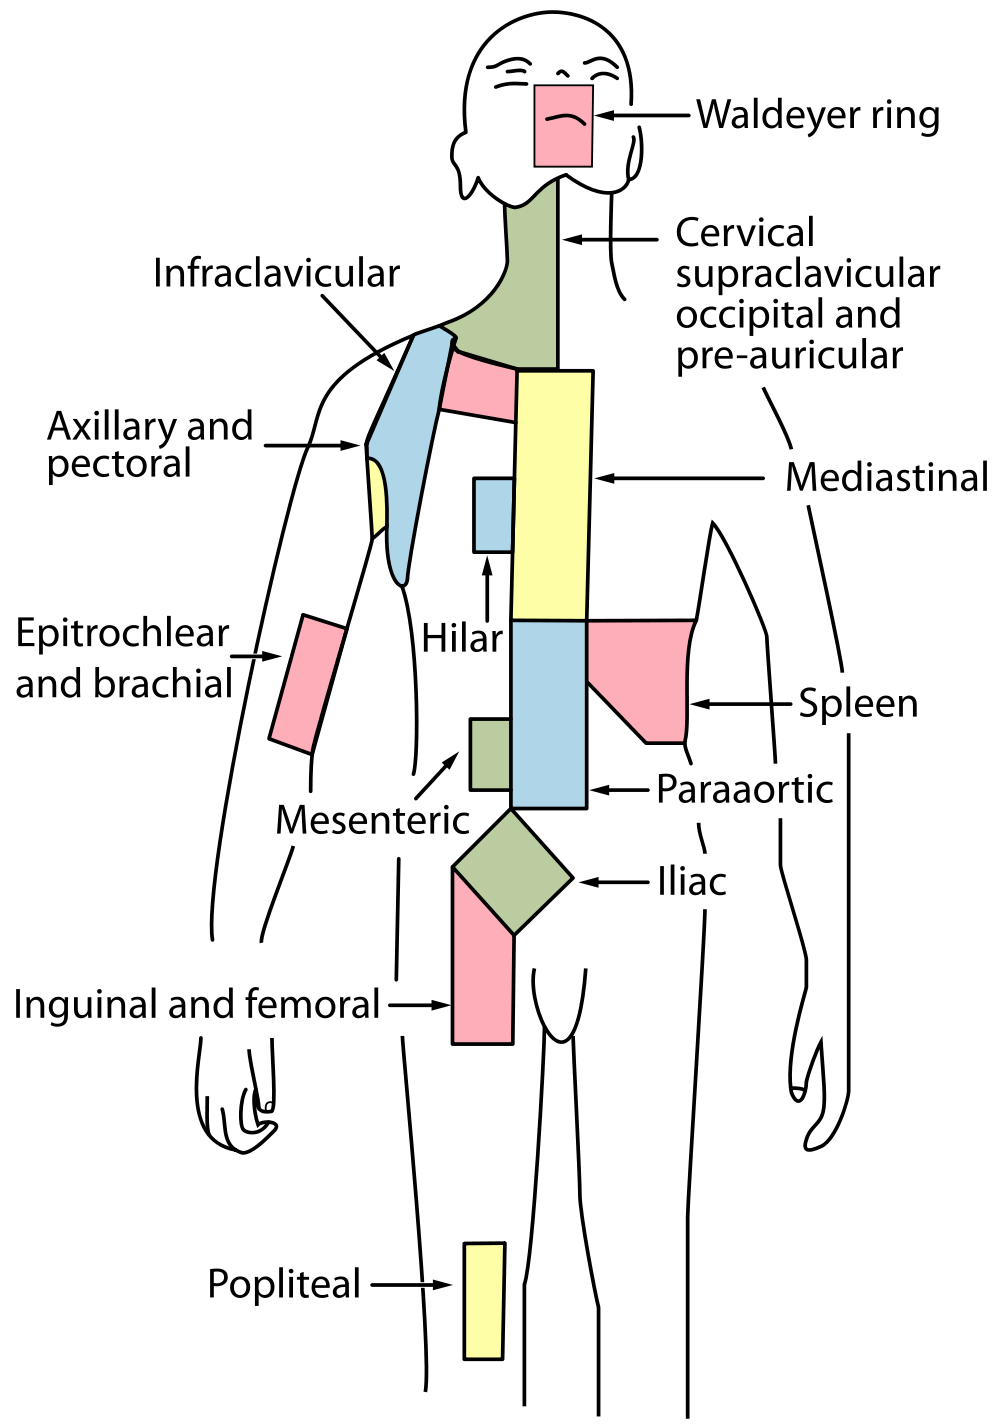 Лимфоузлы на теле схема расположения